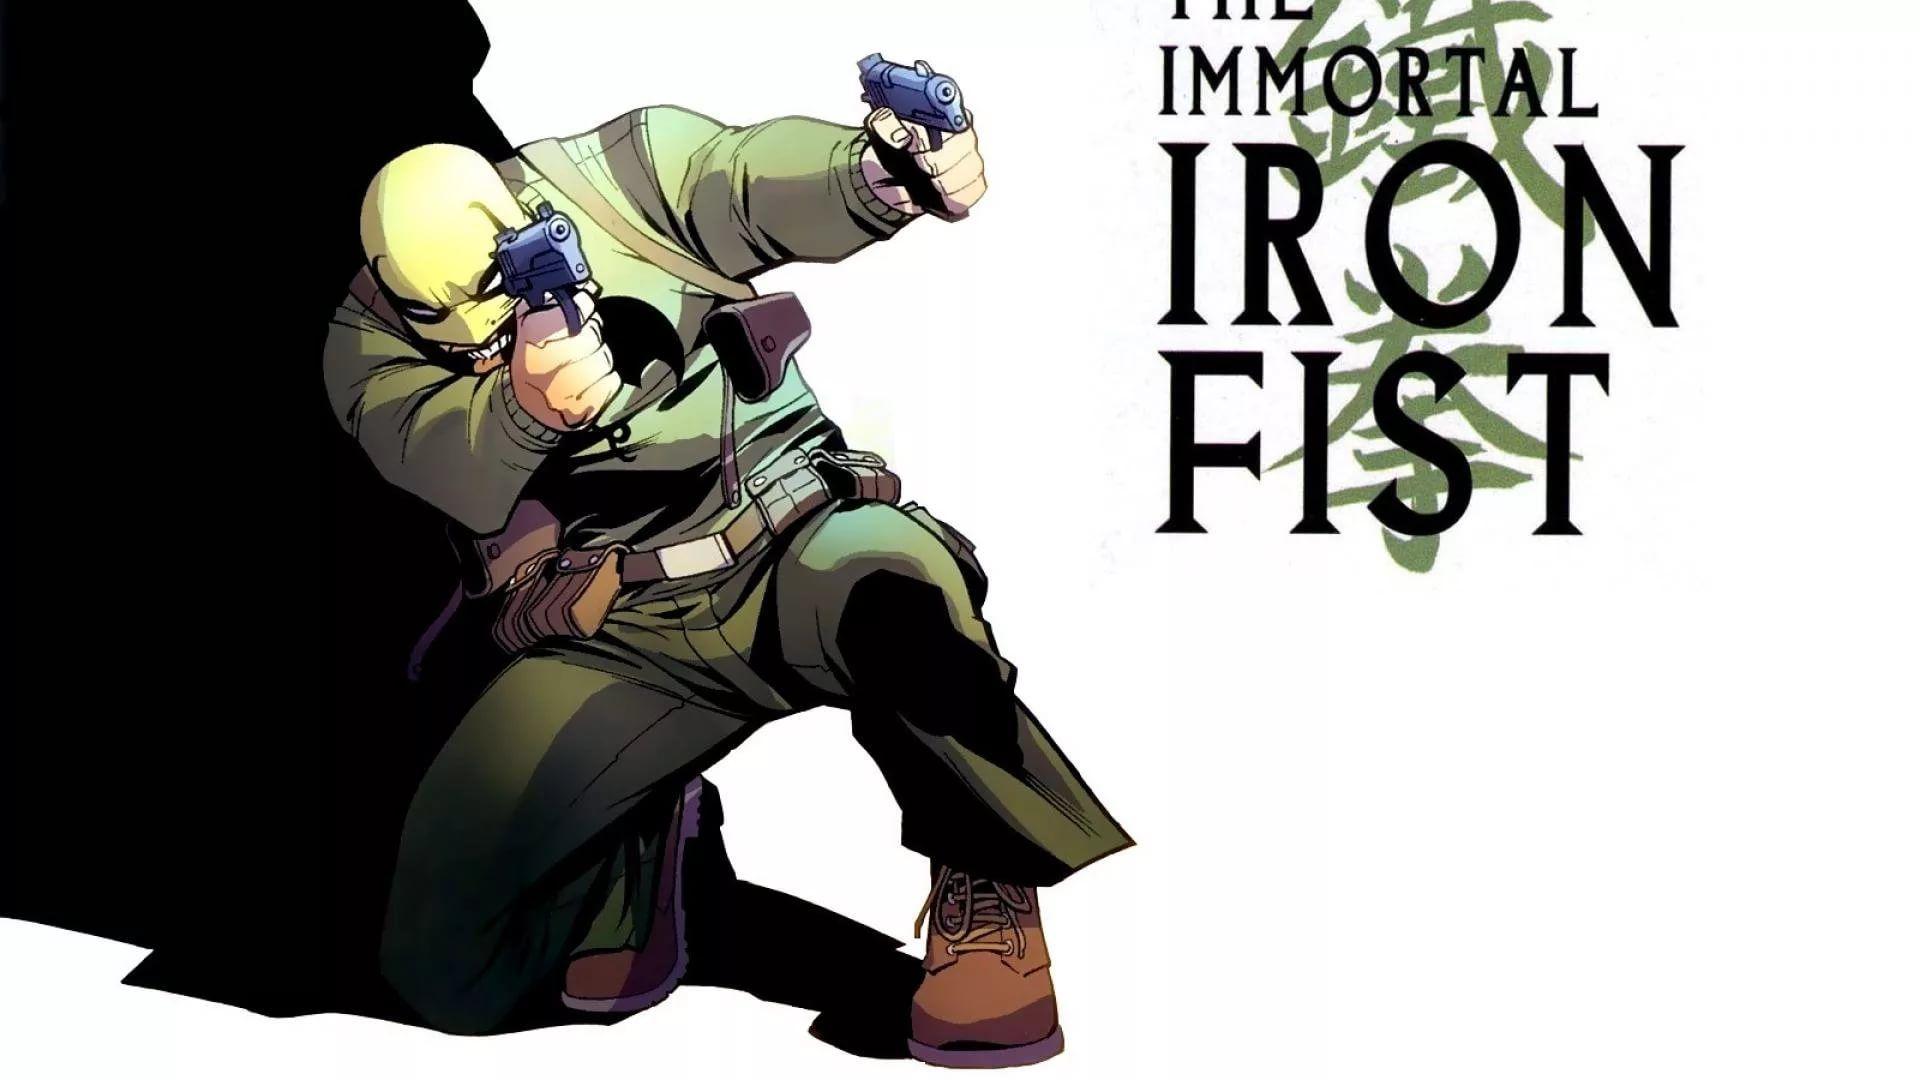 Iron Fist Desktop Wallpaper